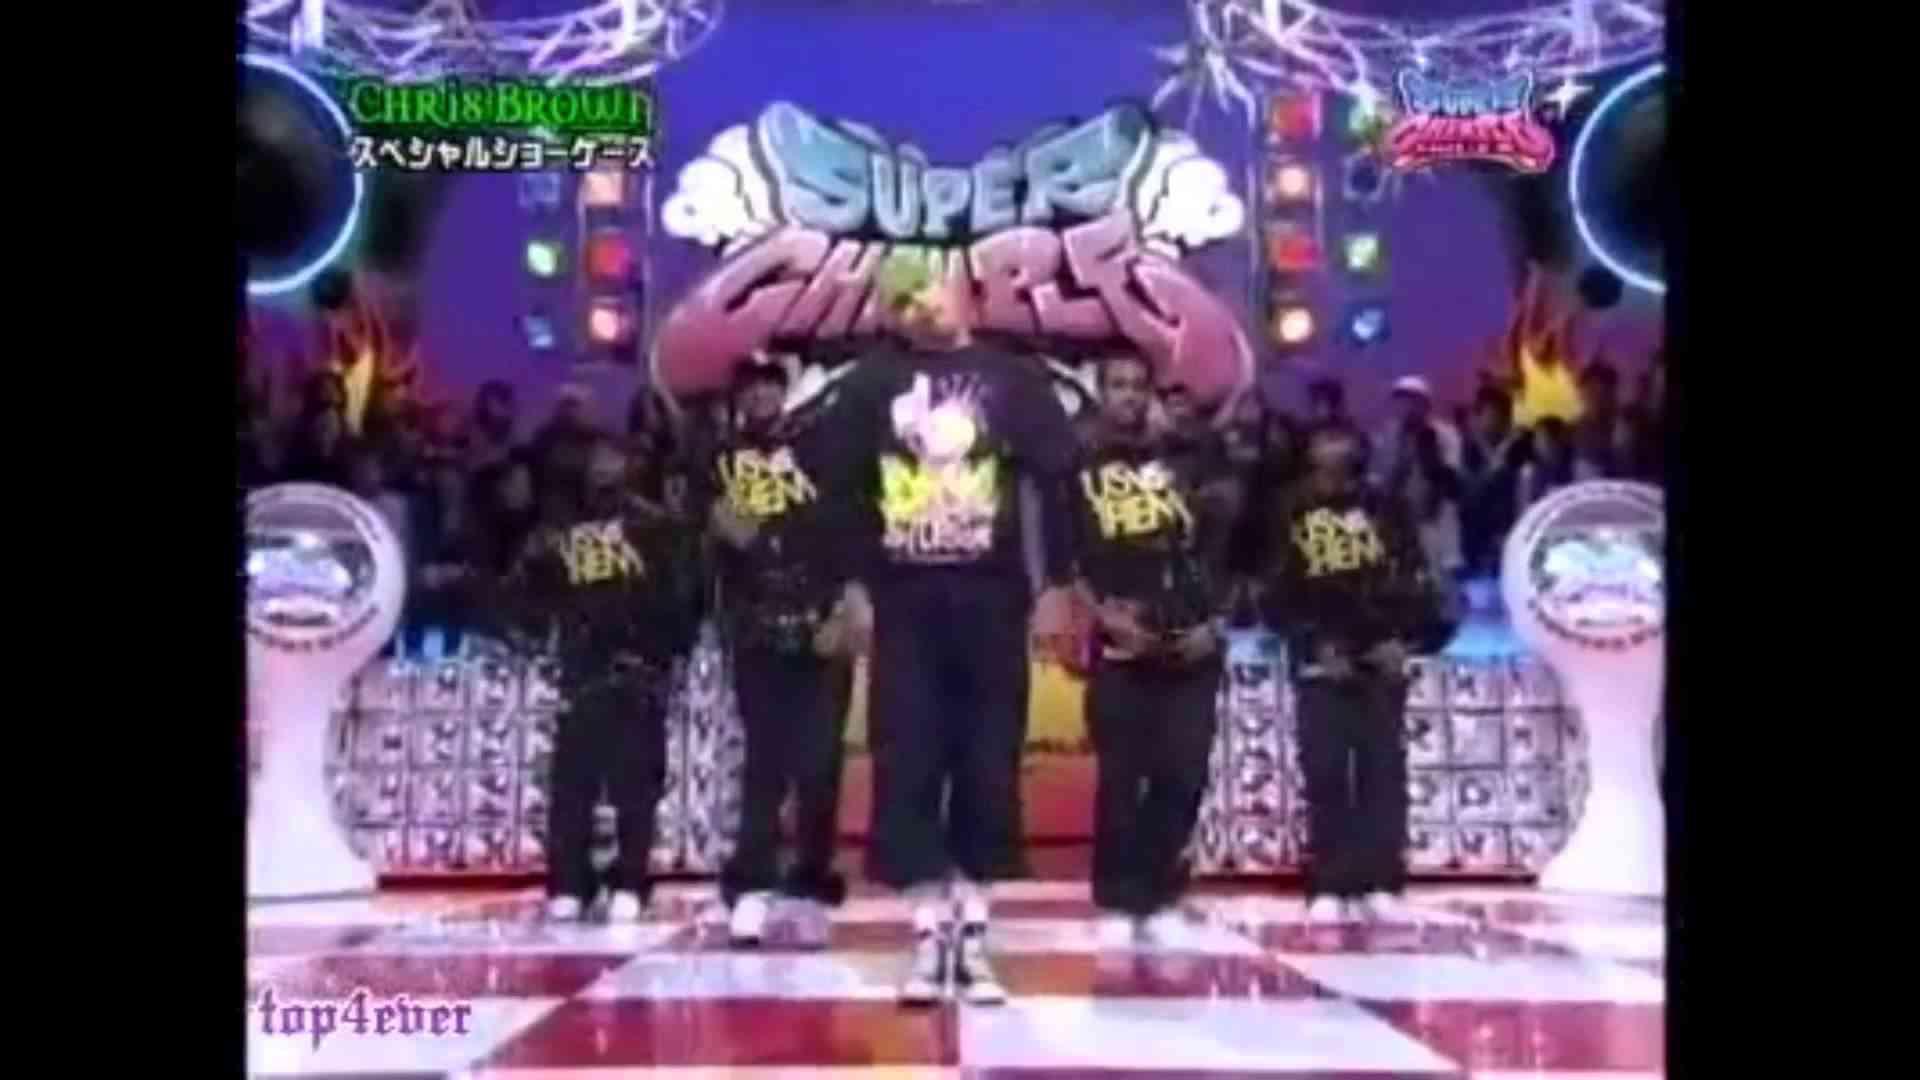 世界的に有名なダンサー 三浦 大知 chris brownの前でdance performance‼︎ - YouTube